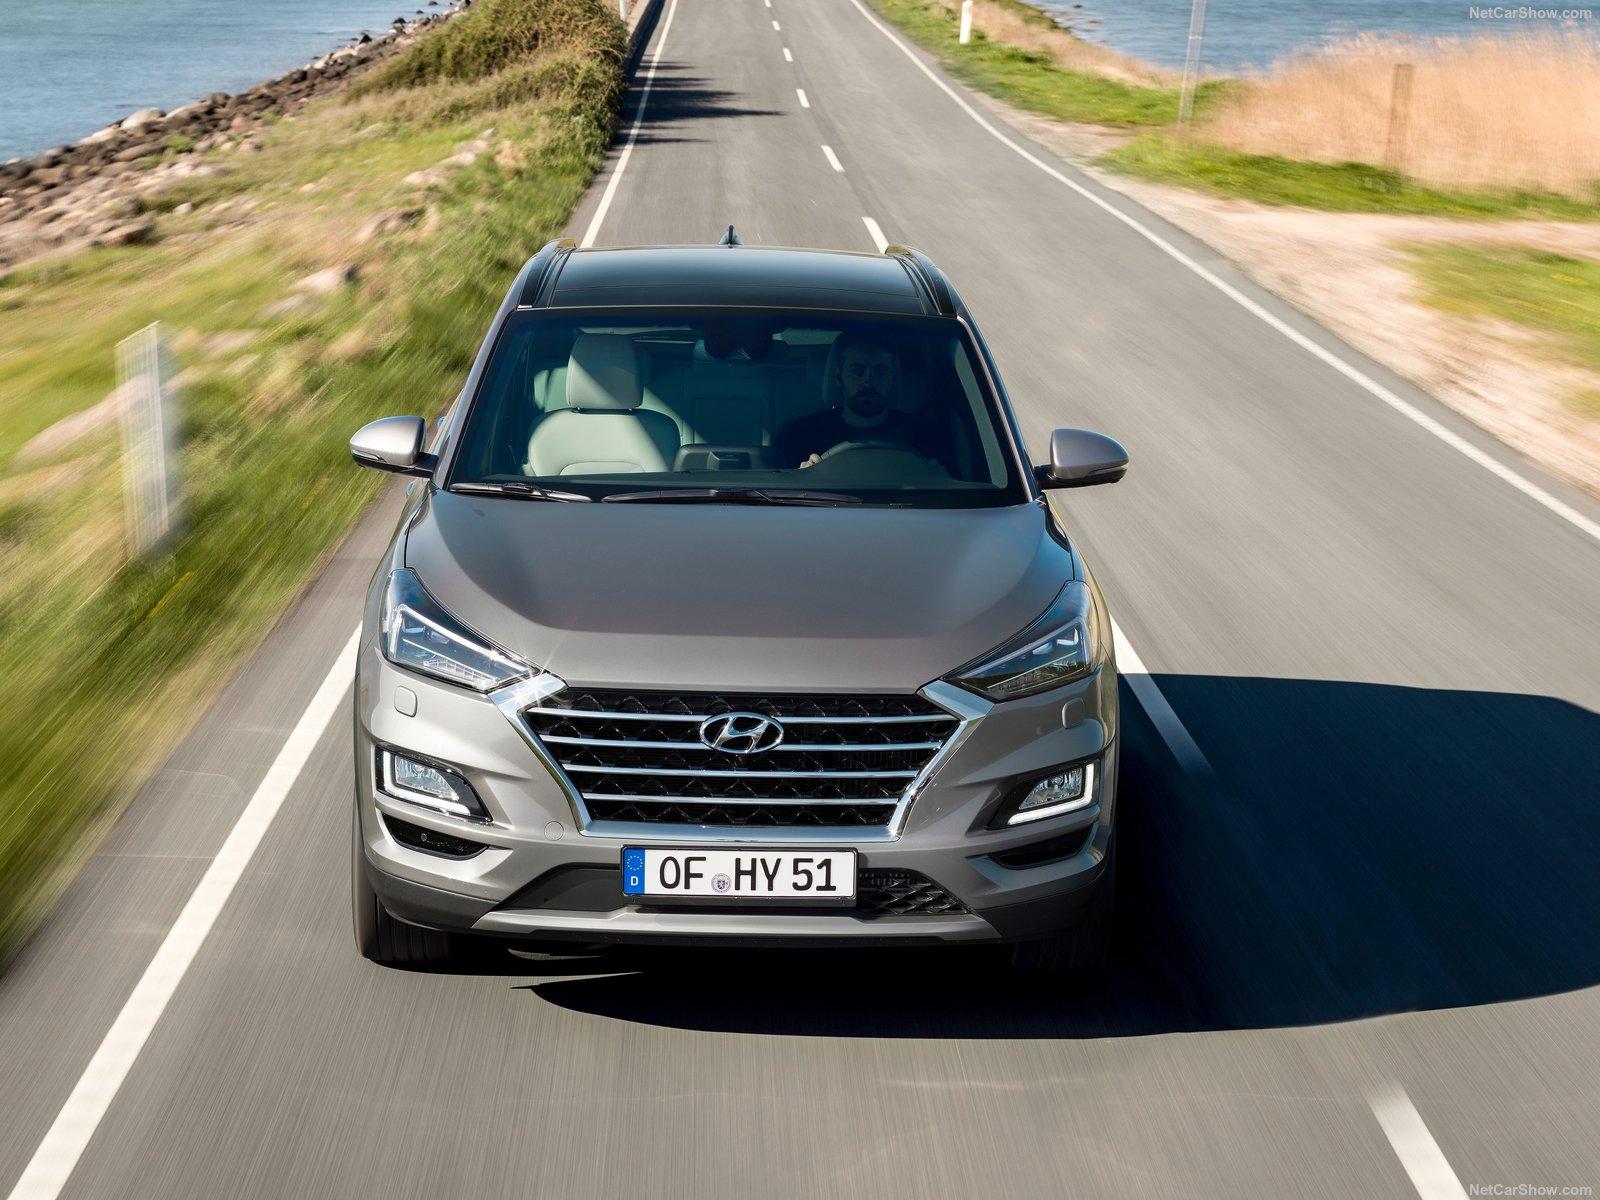 Hyundai Tucson 2020: улучшенные динамические характеристики, стильный дизайн и богатое оснащение от 1,5 млн рублей